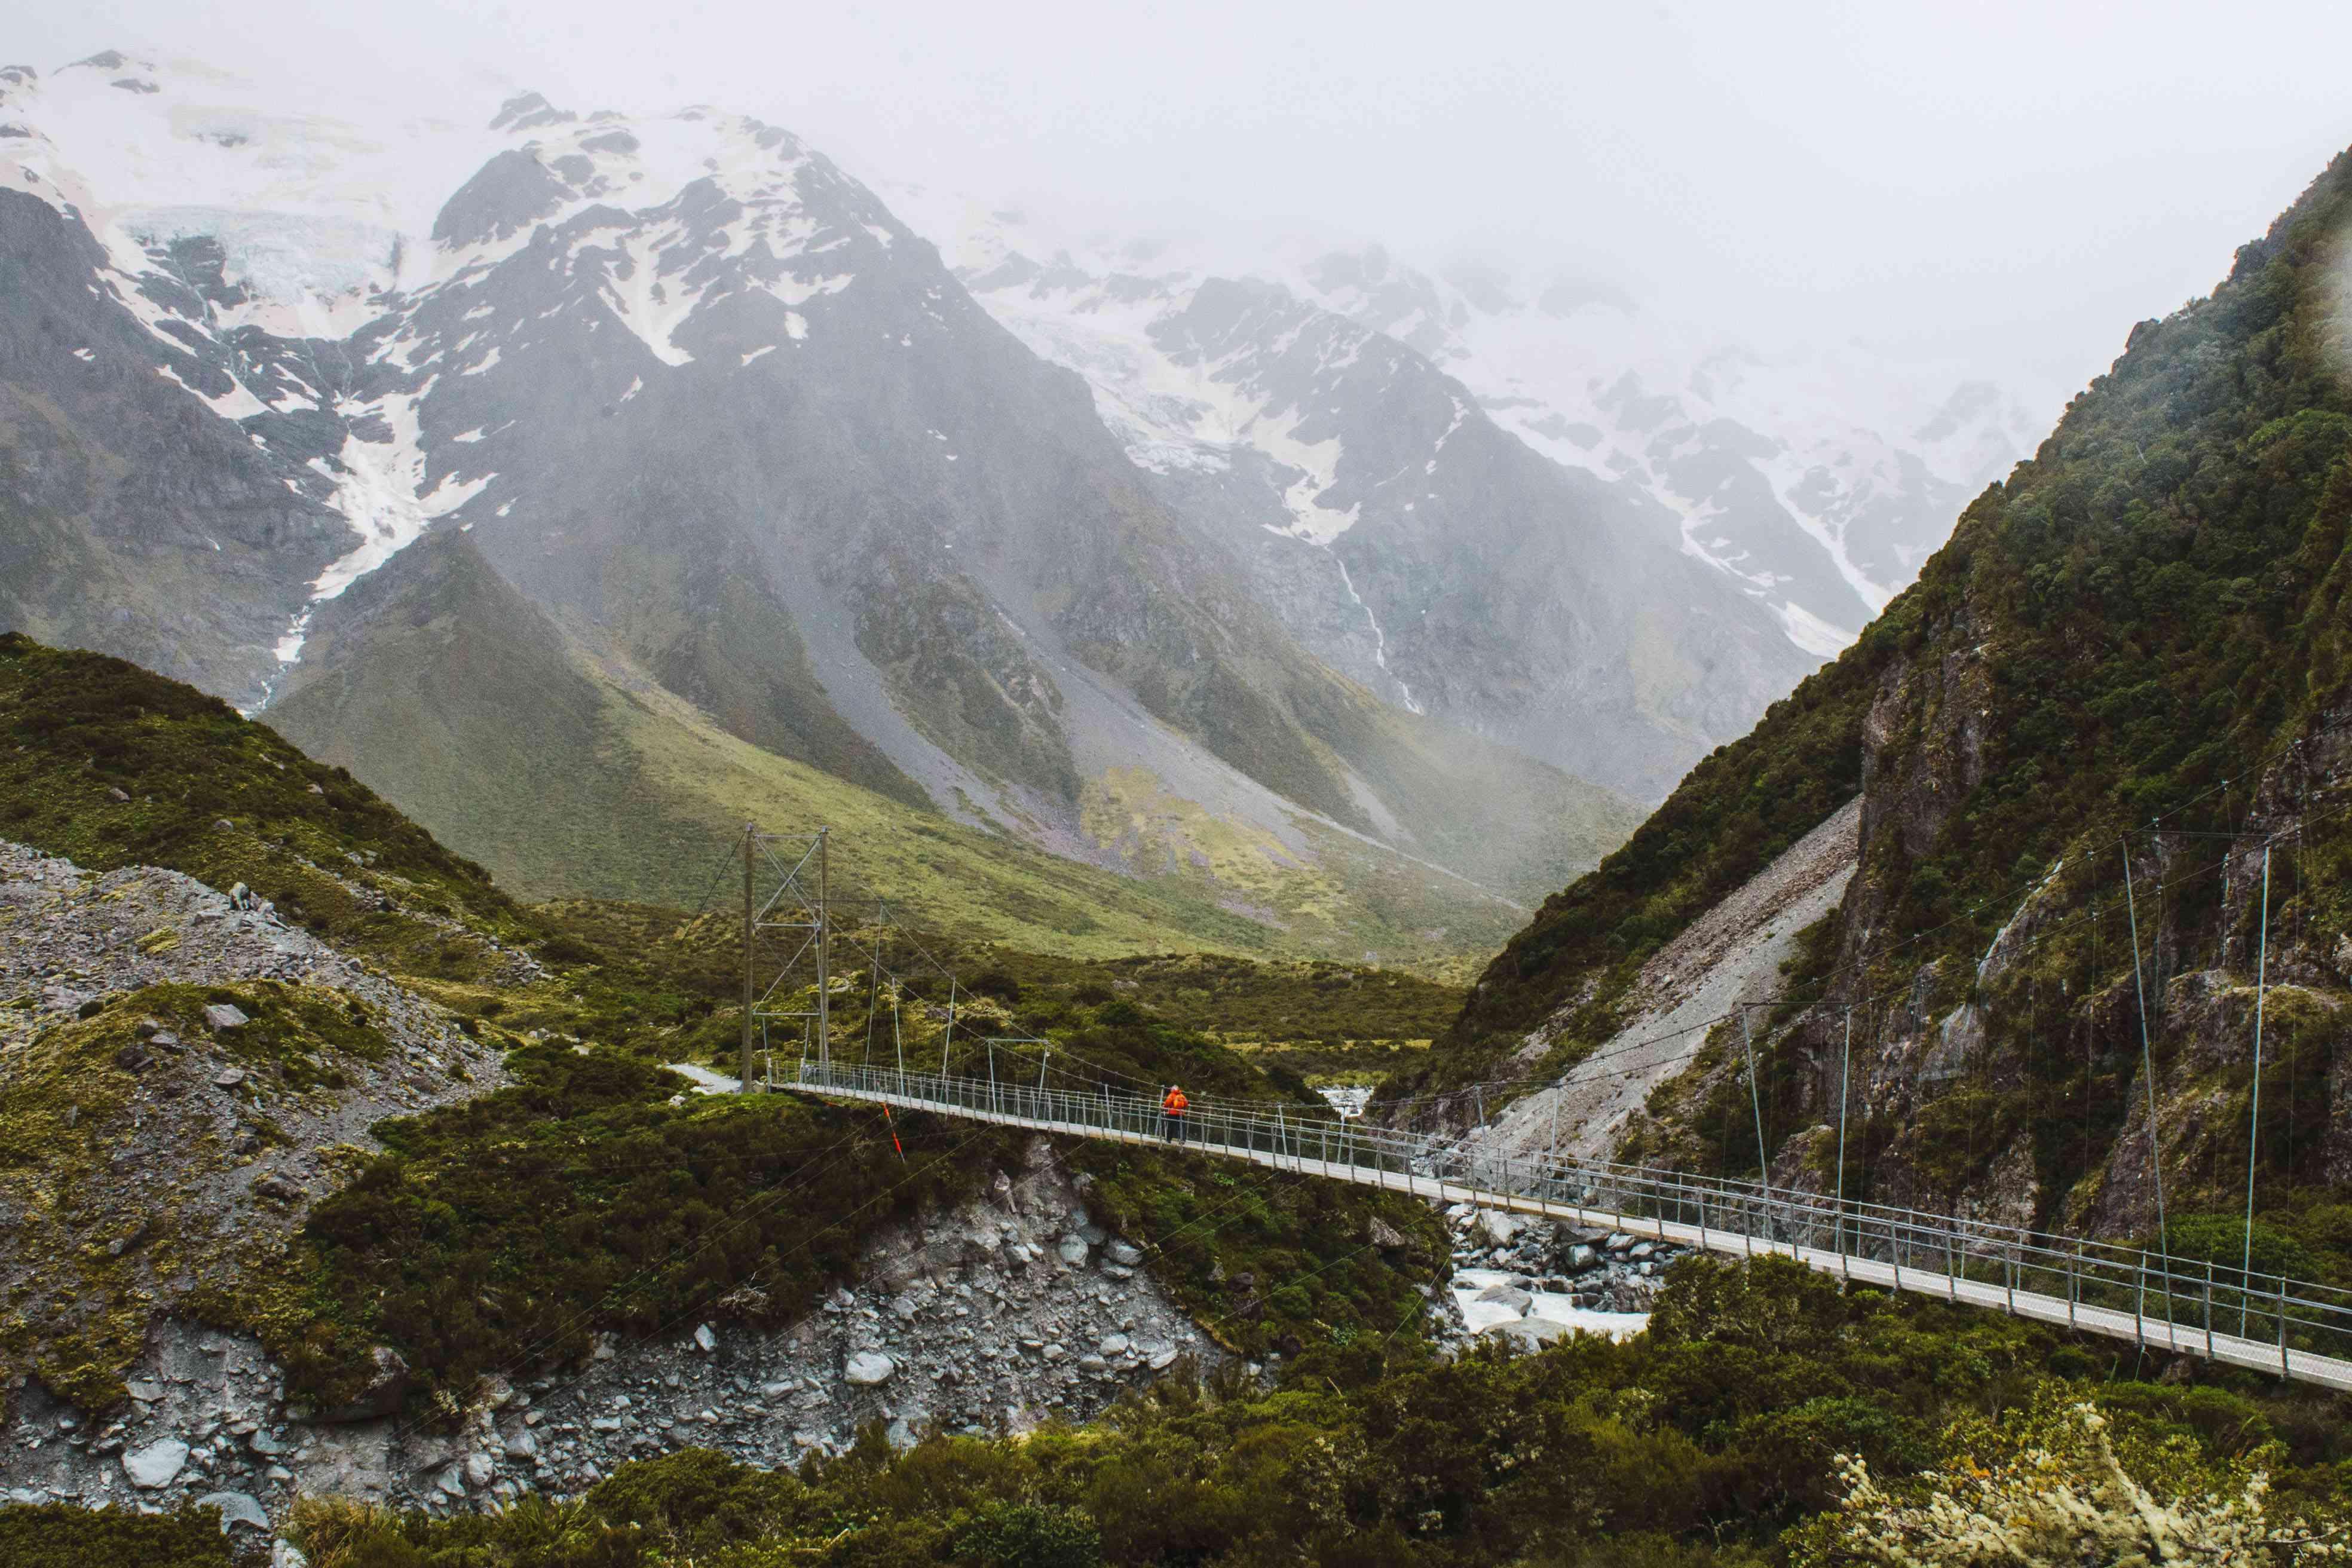 Una persona con una chaqueta roja cruzando un puente colgante en el Hooker Valley Trail